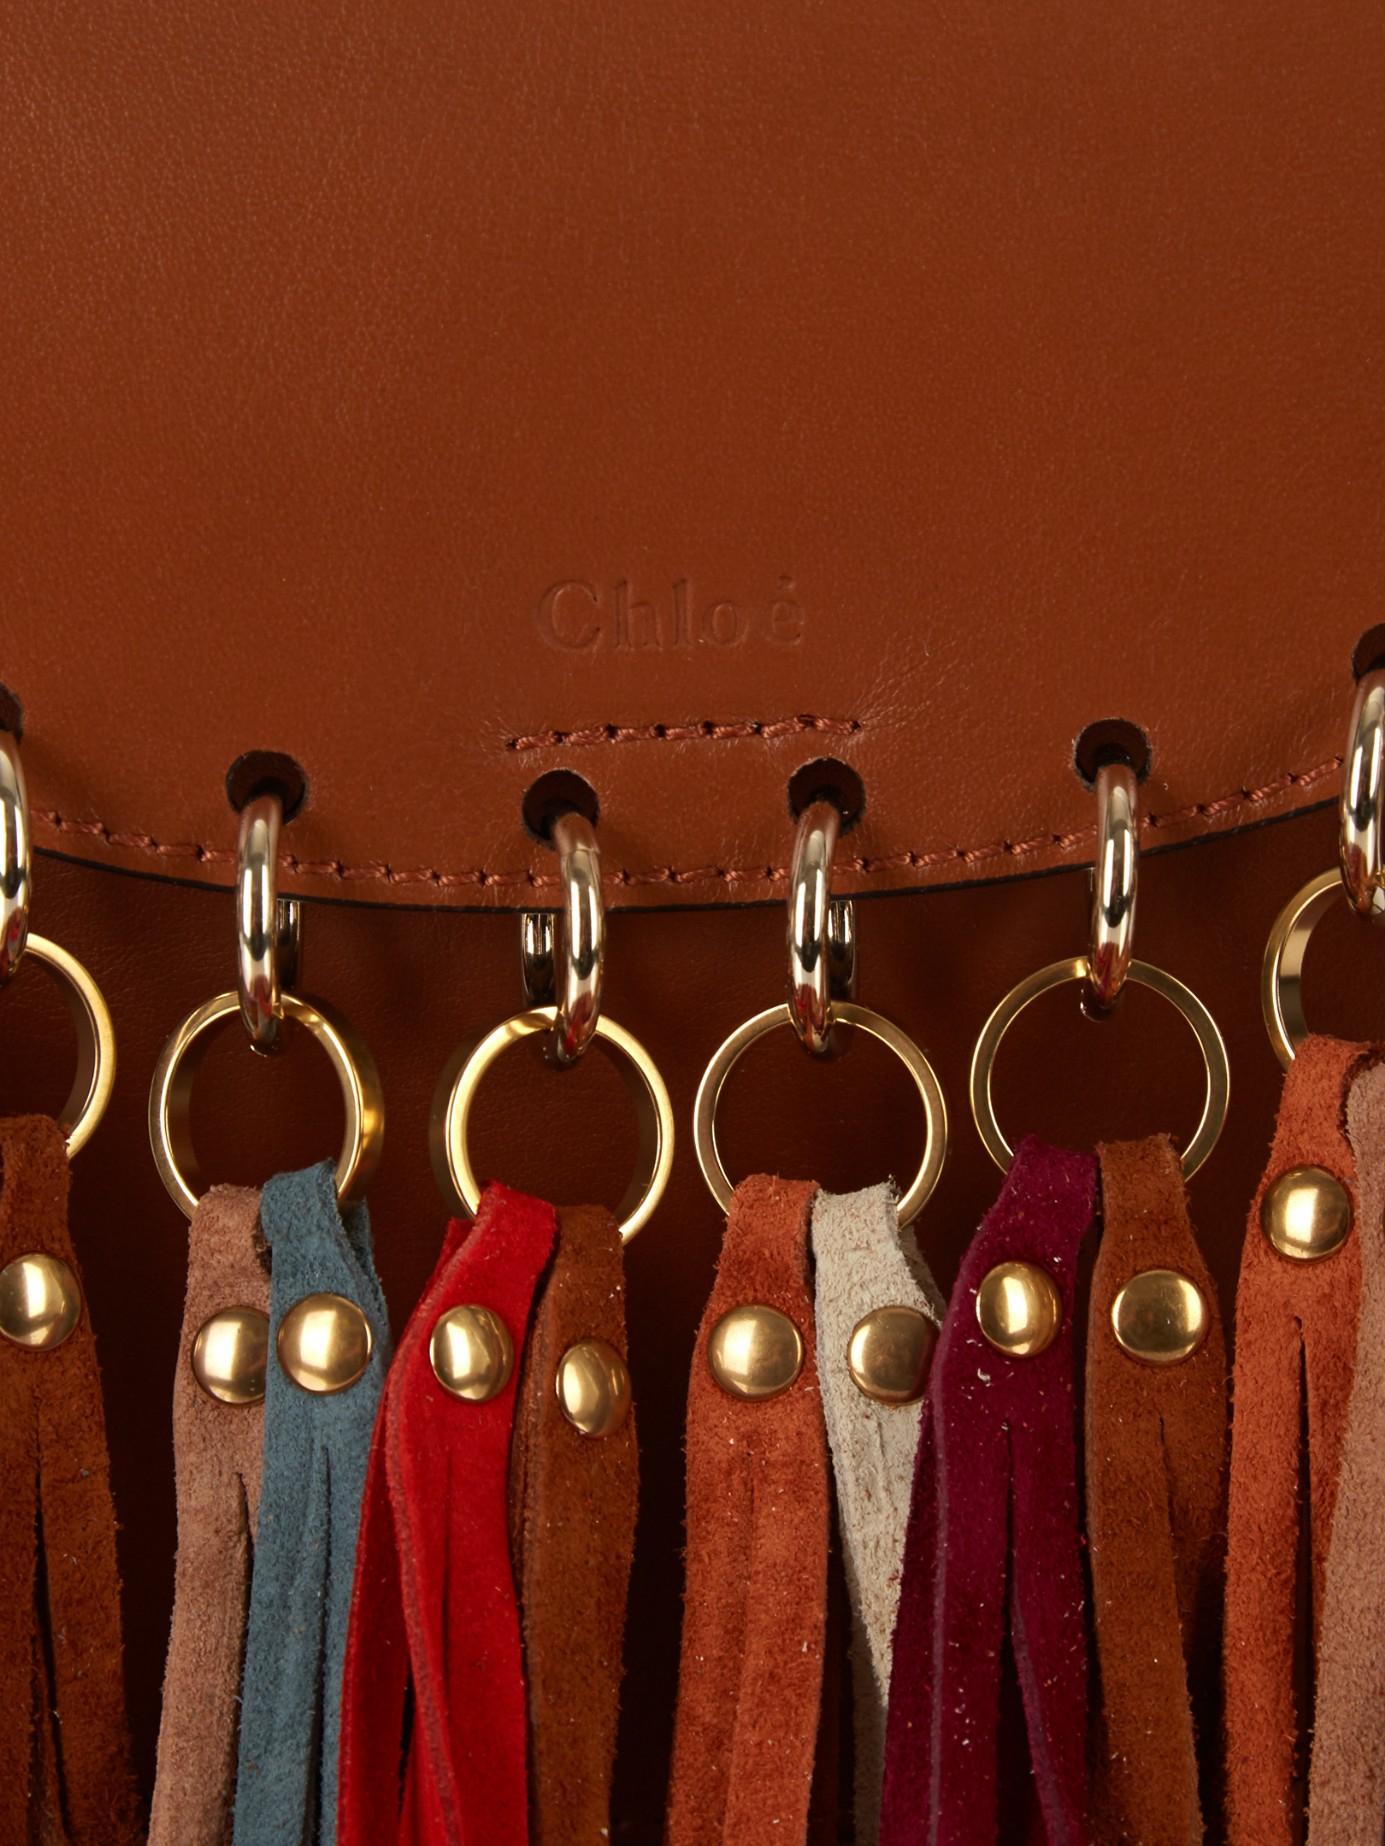 bag chloe - Chlo�� Hudson Suede Tassel Leather Cross-Body Bag in Brown (TAN) | Lyst